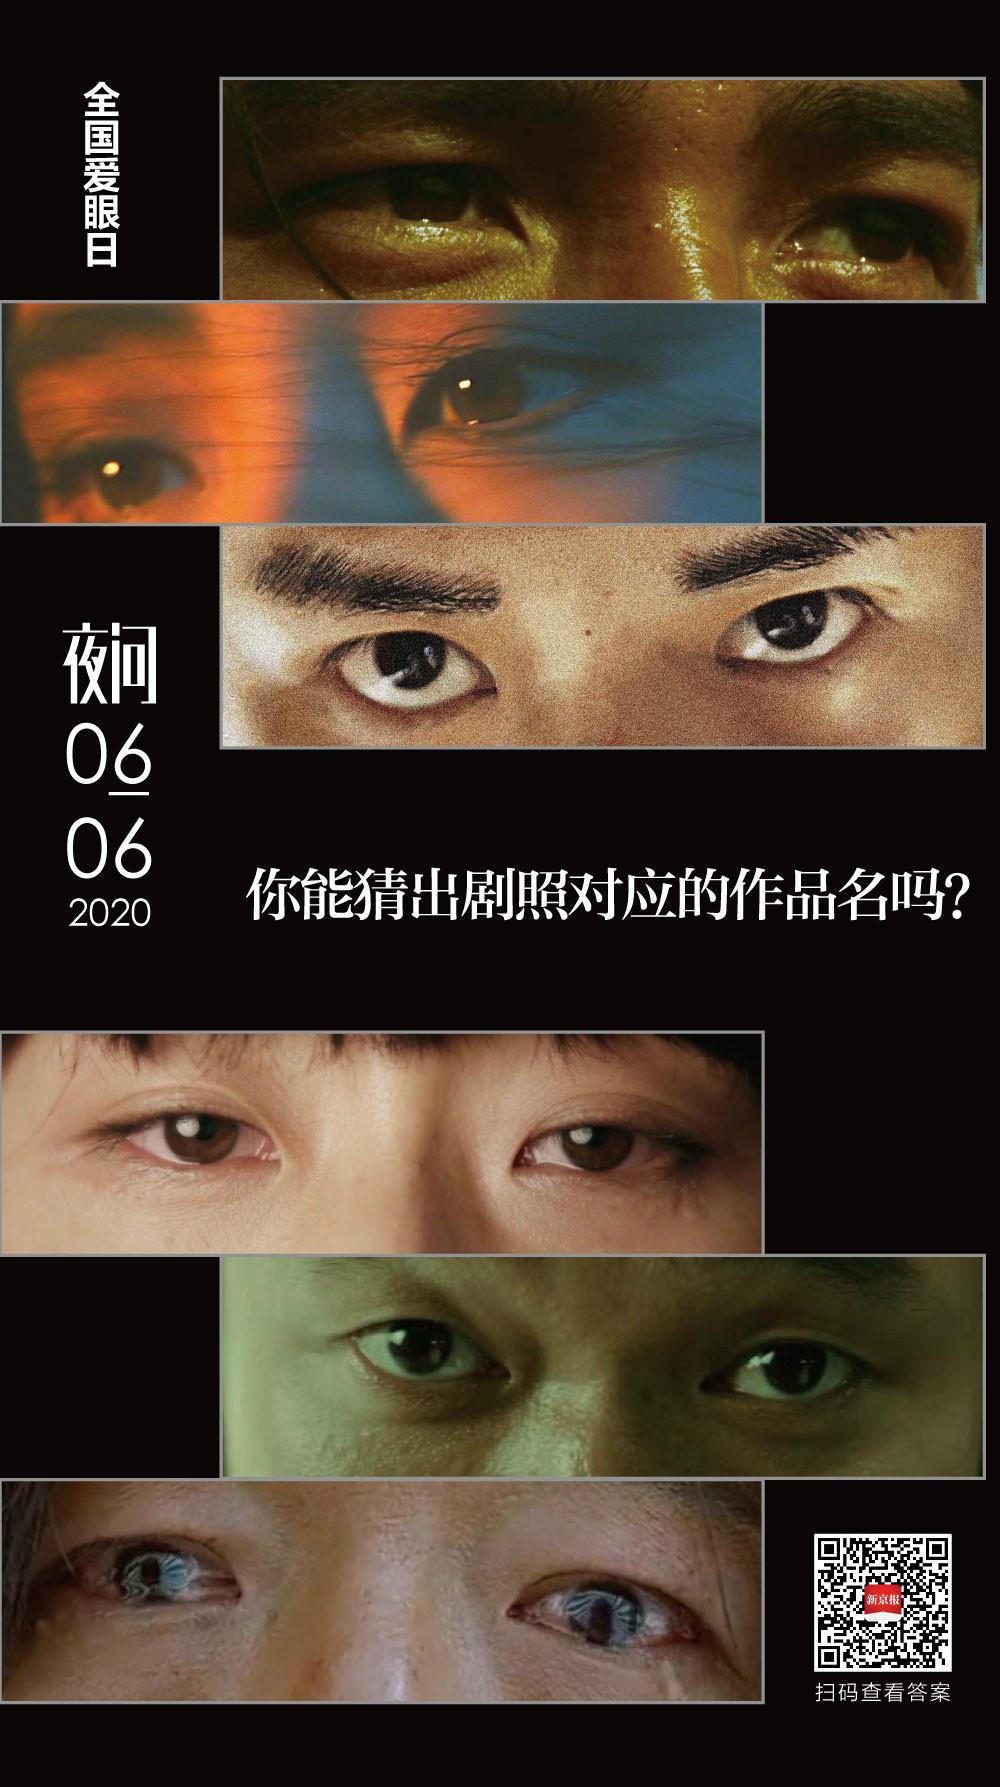 你知道这些眼睛里的故事吗?丨夜问图片